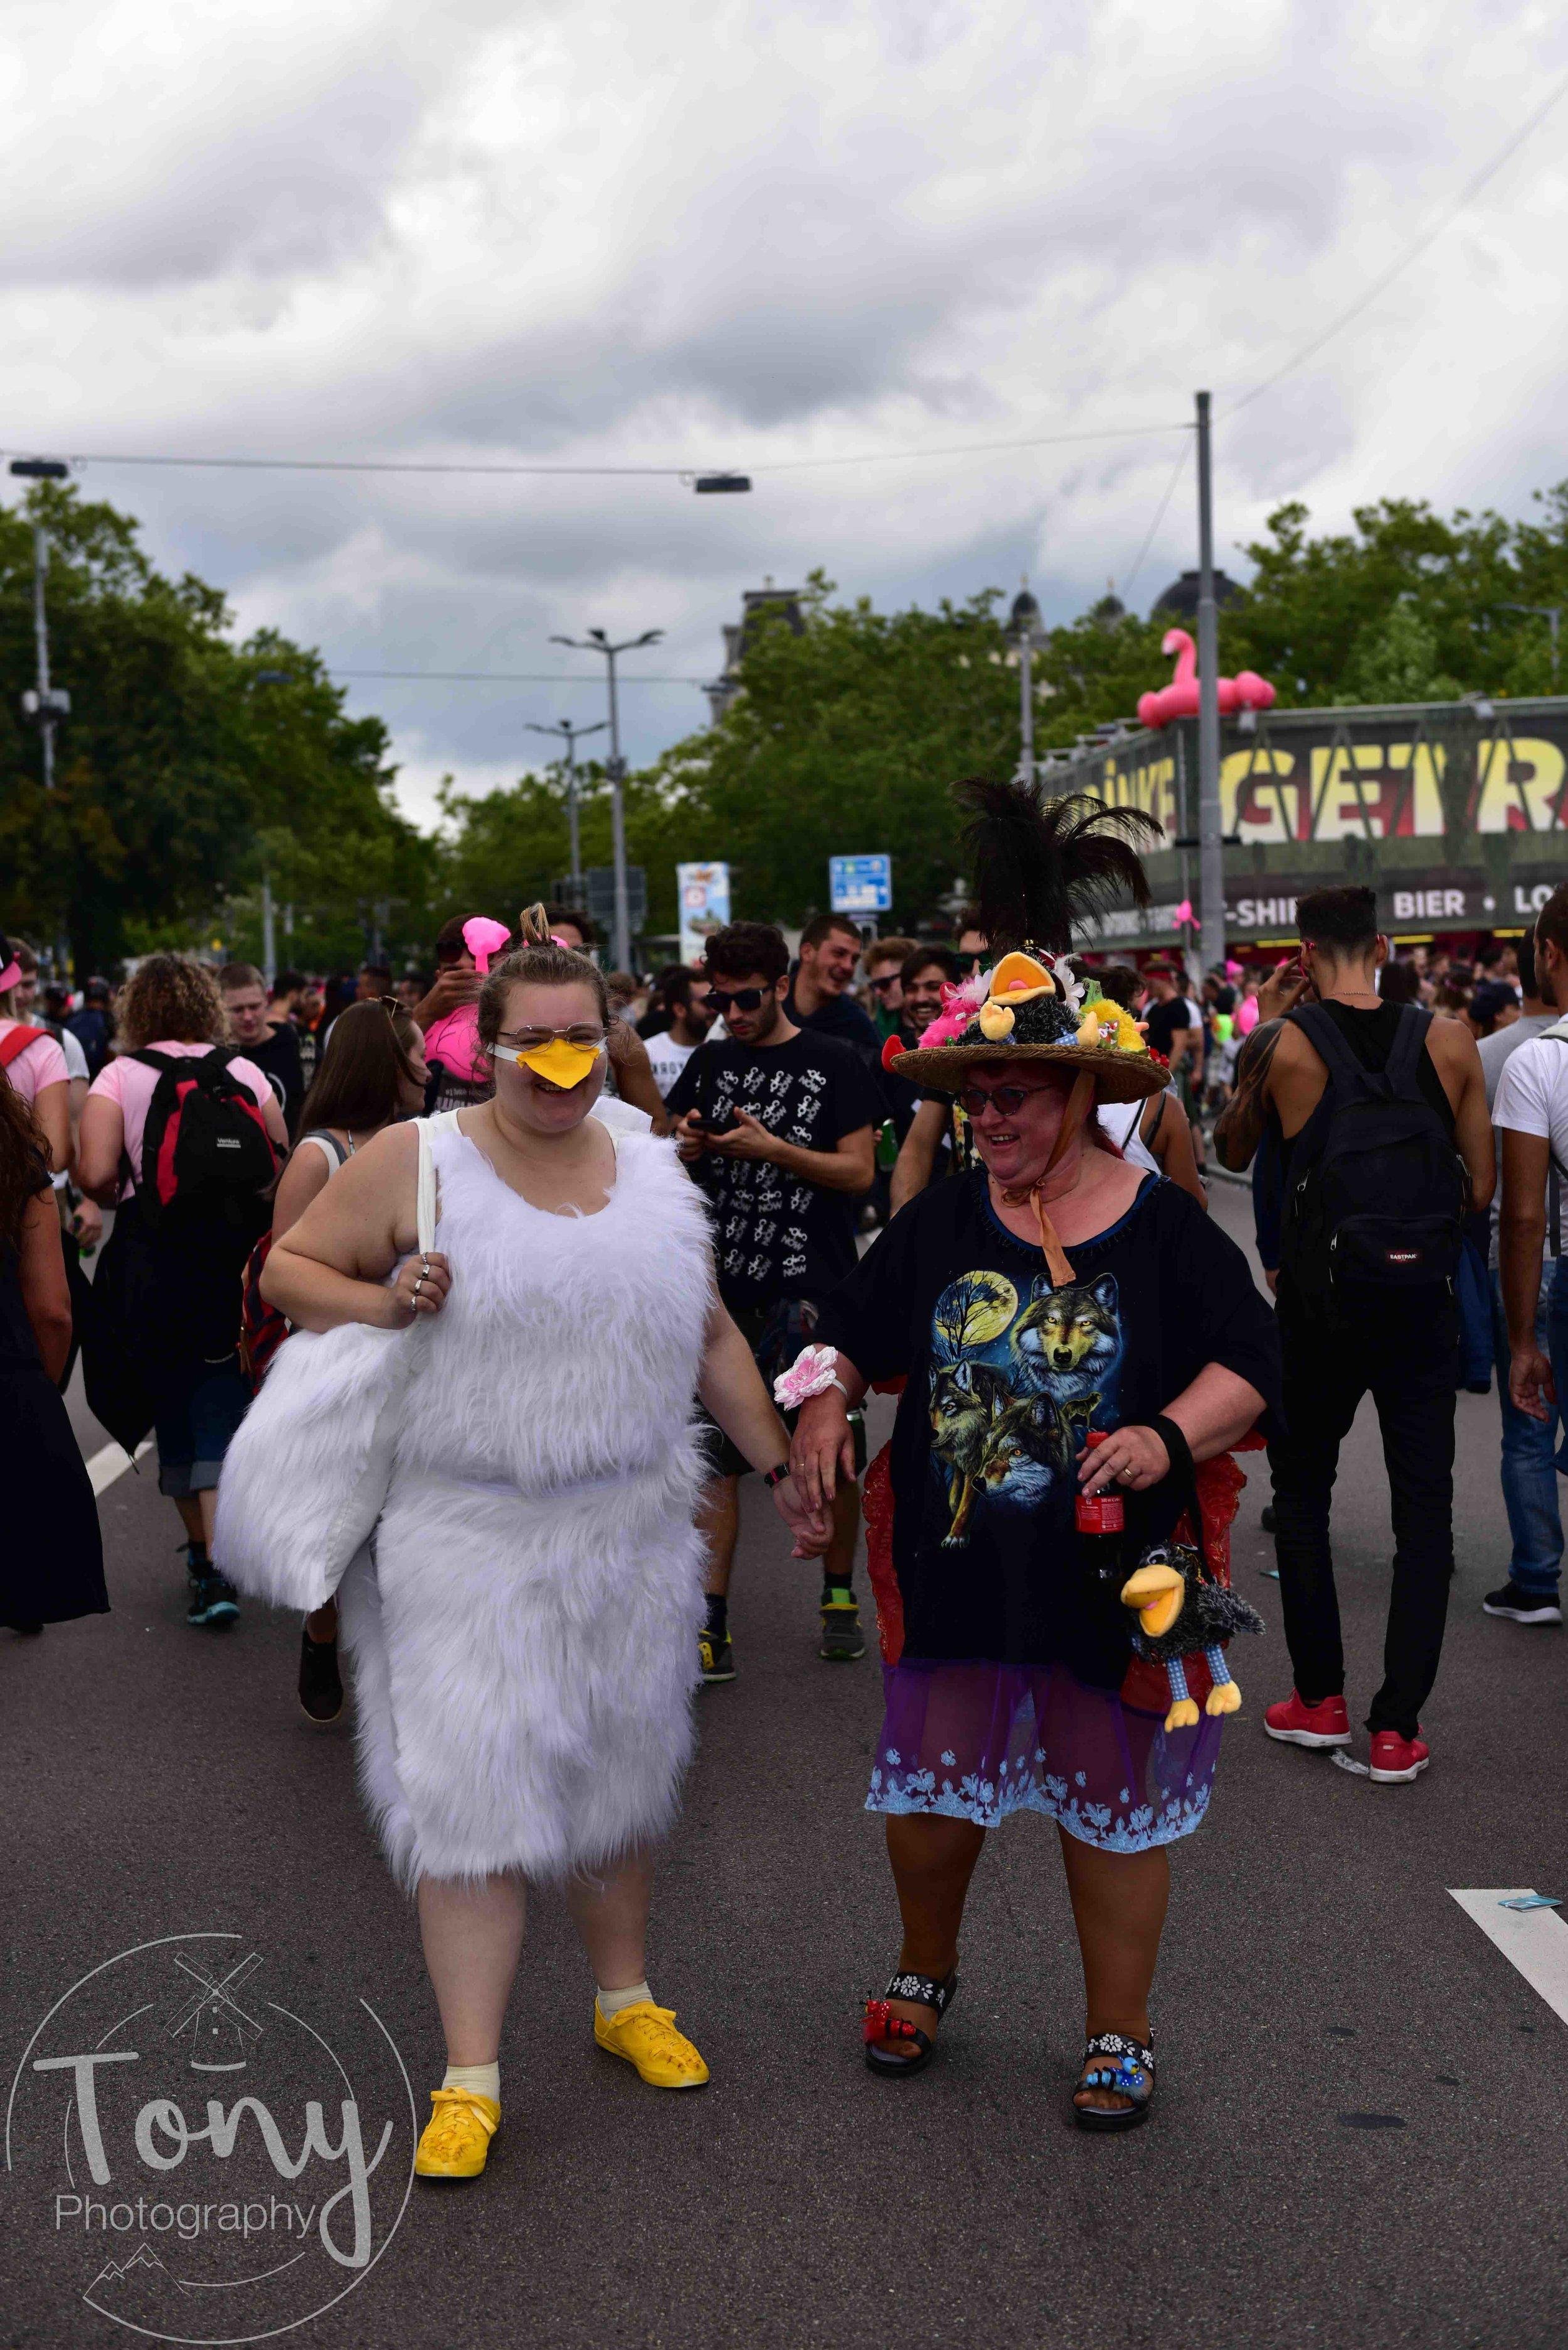 streetparade-6.jpg